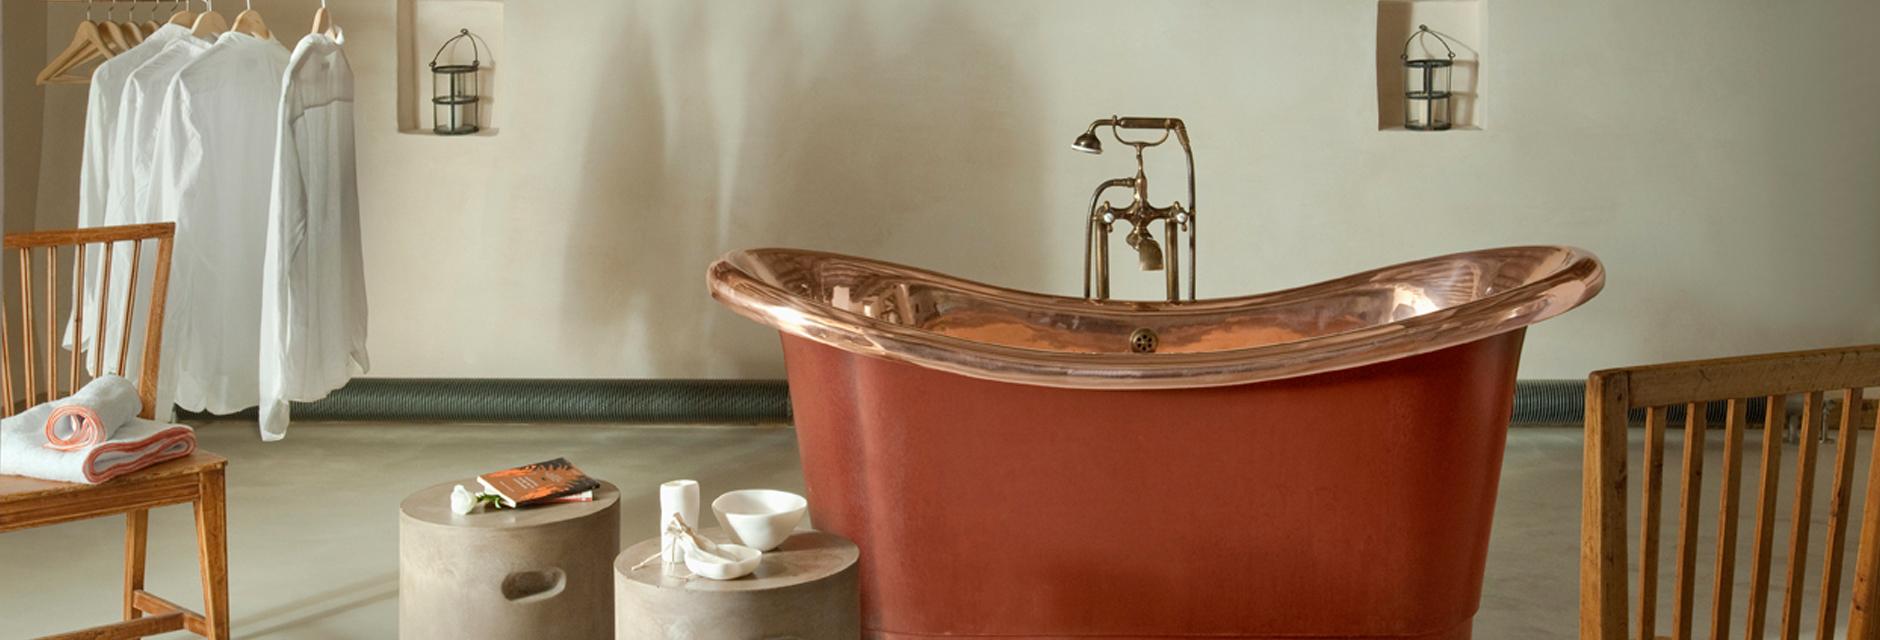 il pozzo tub